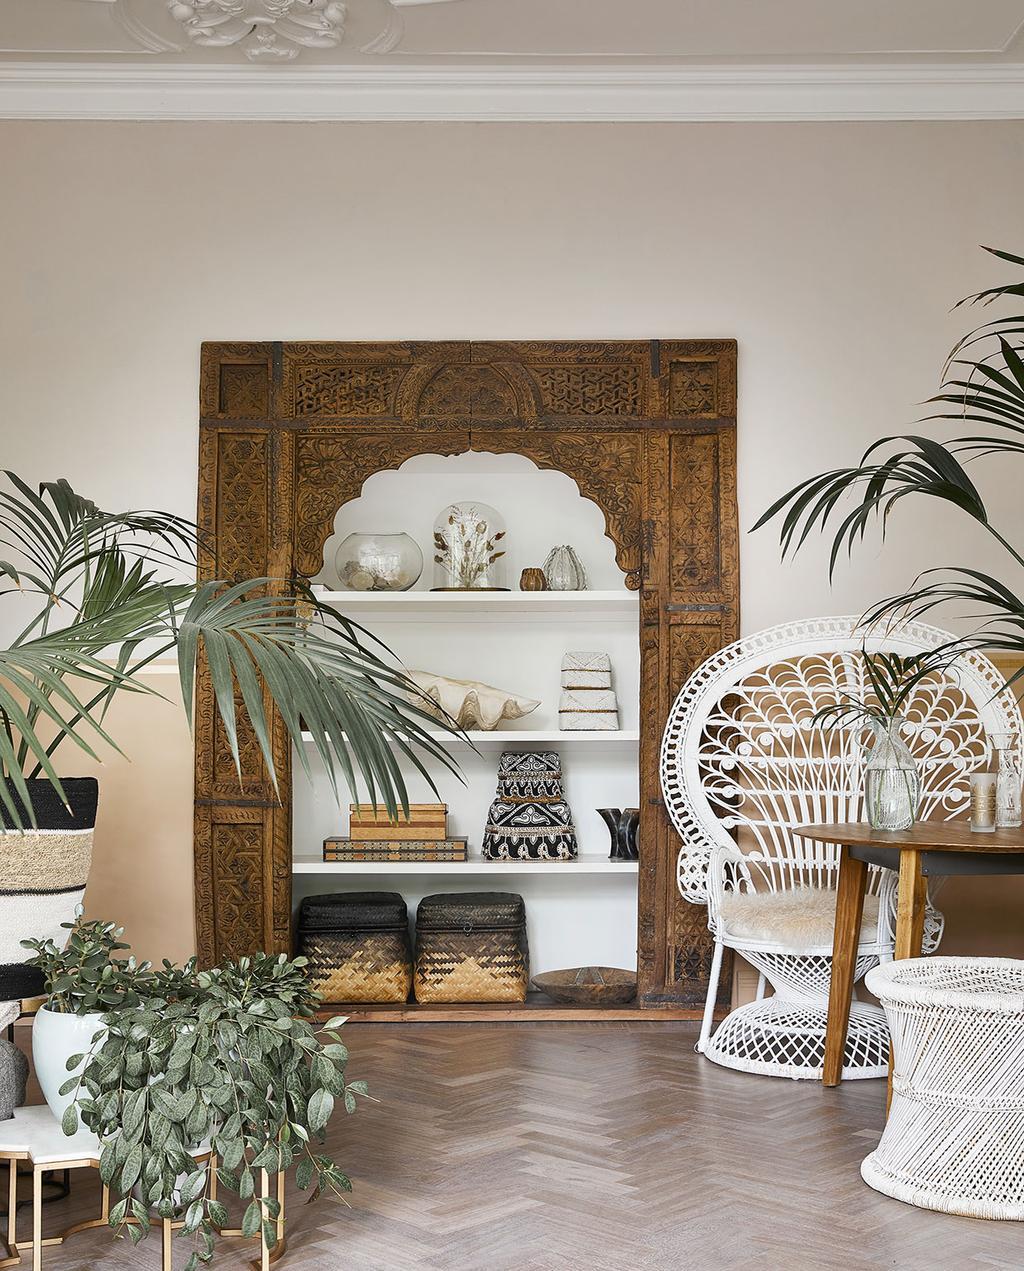 vtwonen 06-2021 | witte pauwstoel in de woonkamer met een kast met bijzondere wereldse woonaccessoires zoals vazen en manden